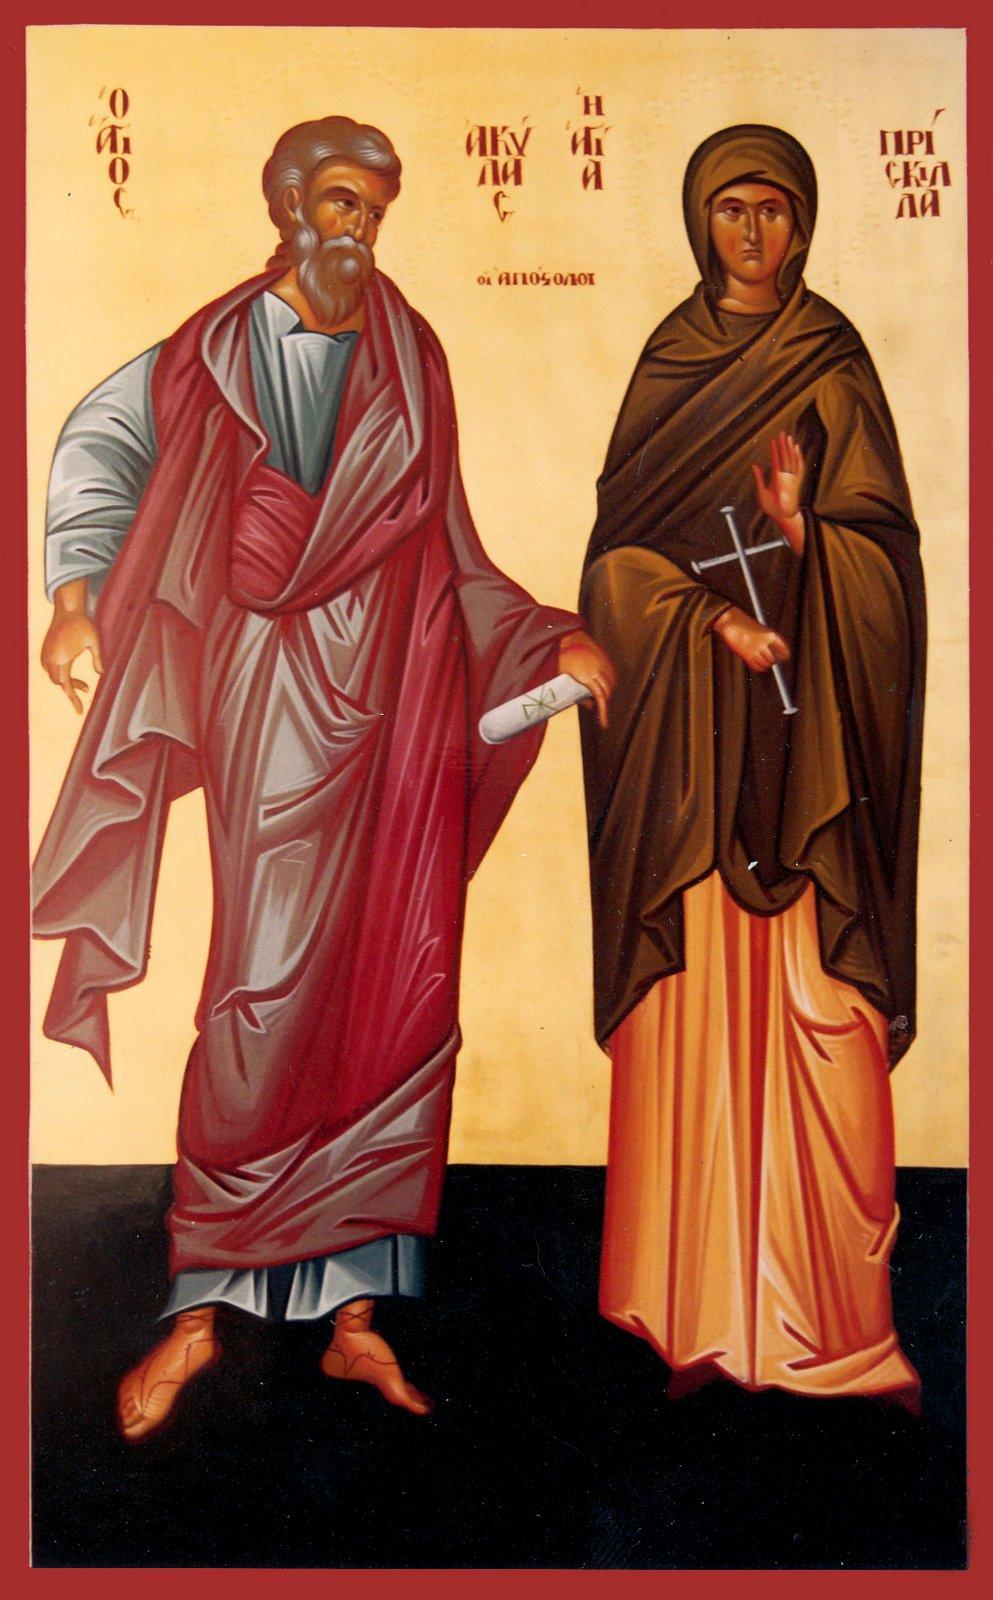 Οι Άγιοι Απόστολοι Ακύλας και Πρίσκιλλα